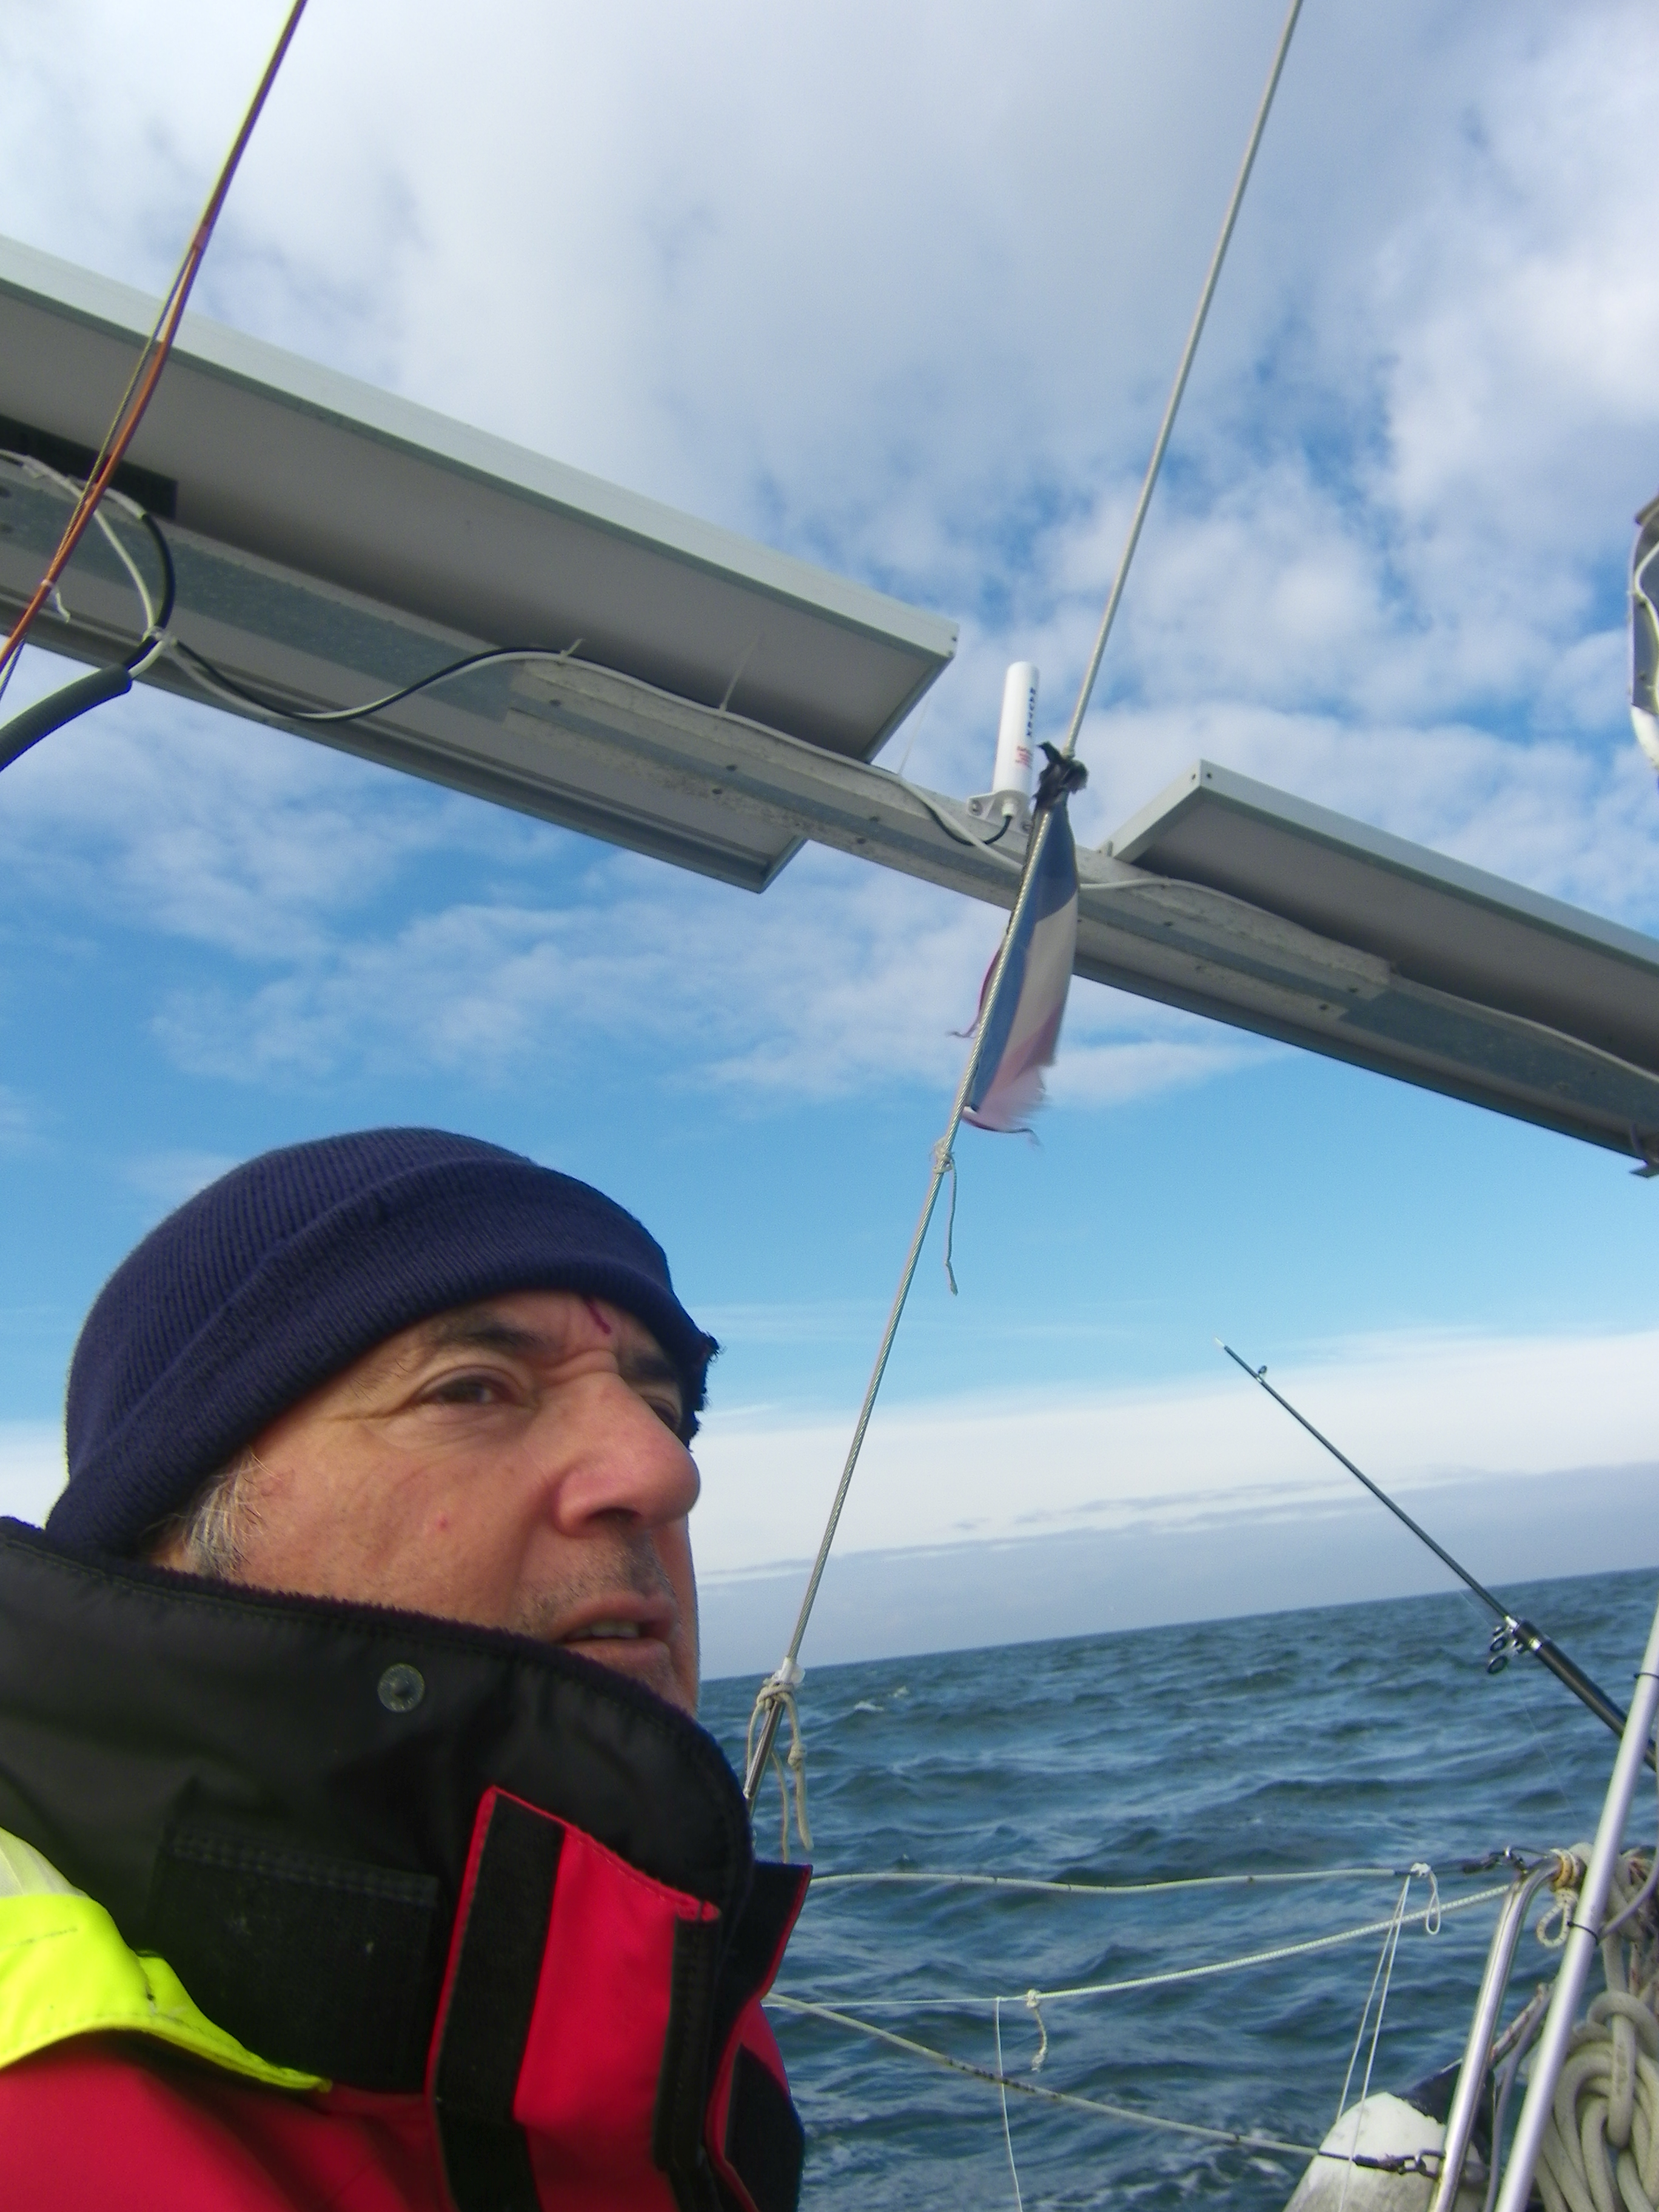 Dans le Silence des albatros, Eric Beauvilain raconte ses voyages dans l'océan Atlantique et le Pacifique.